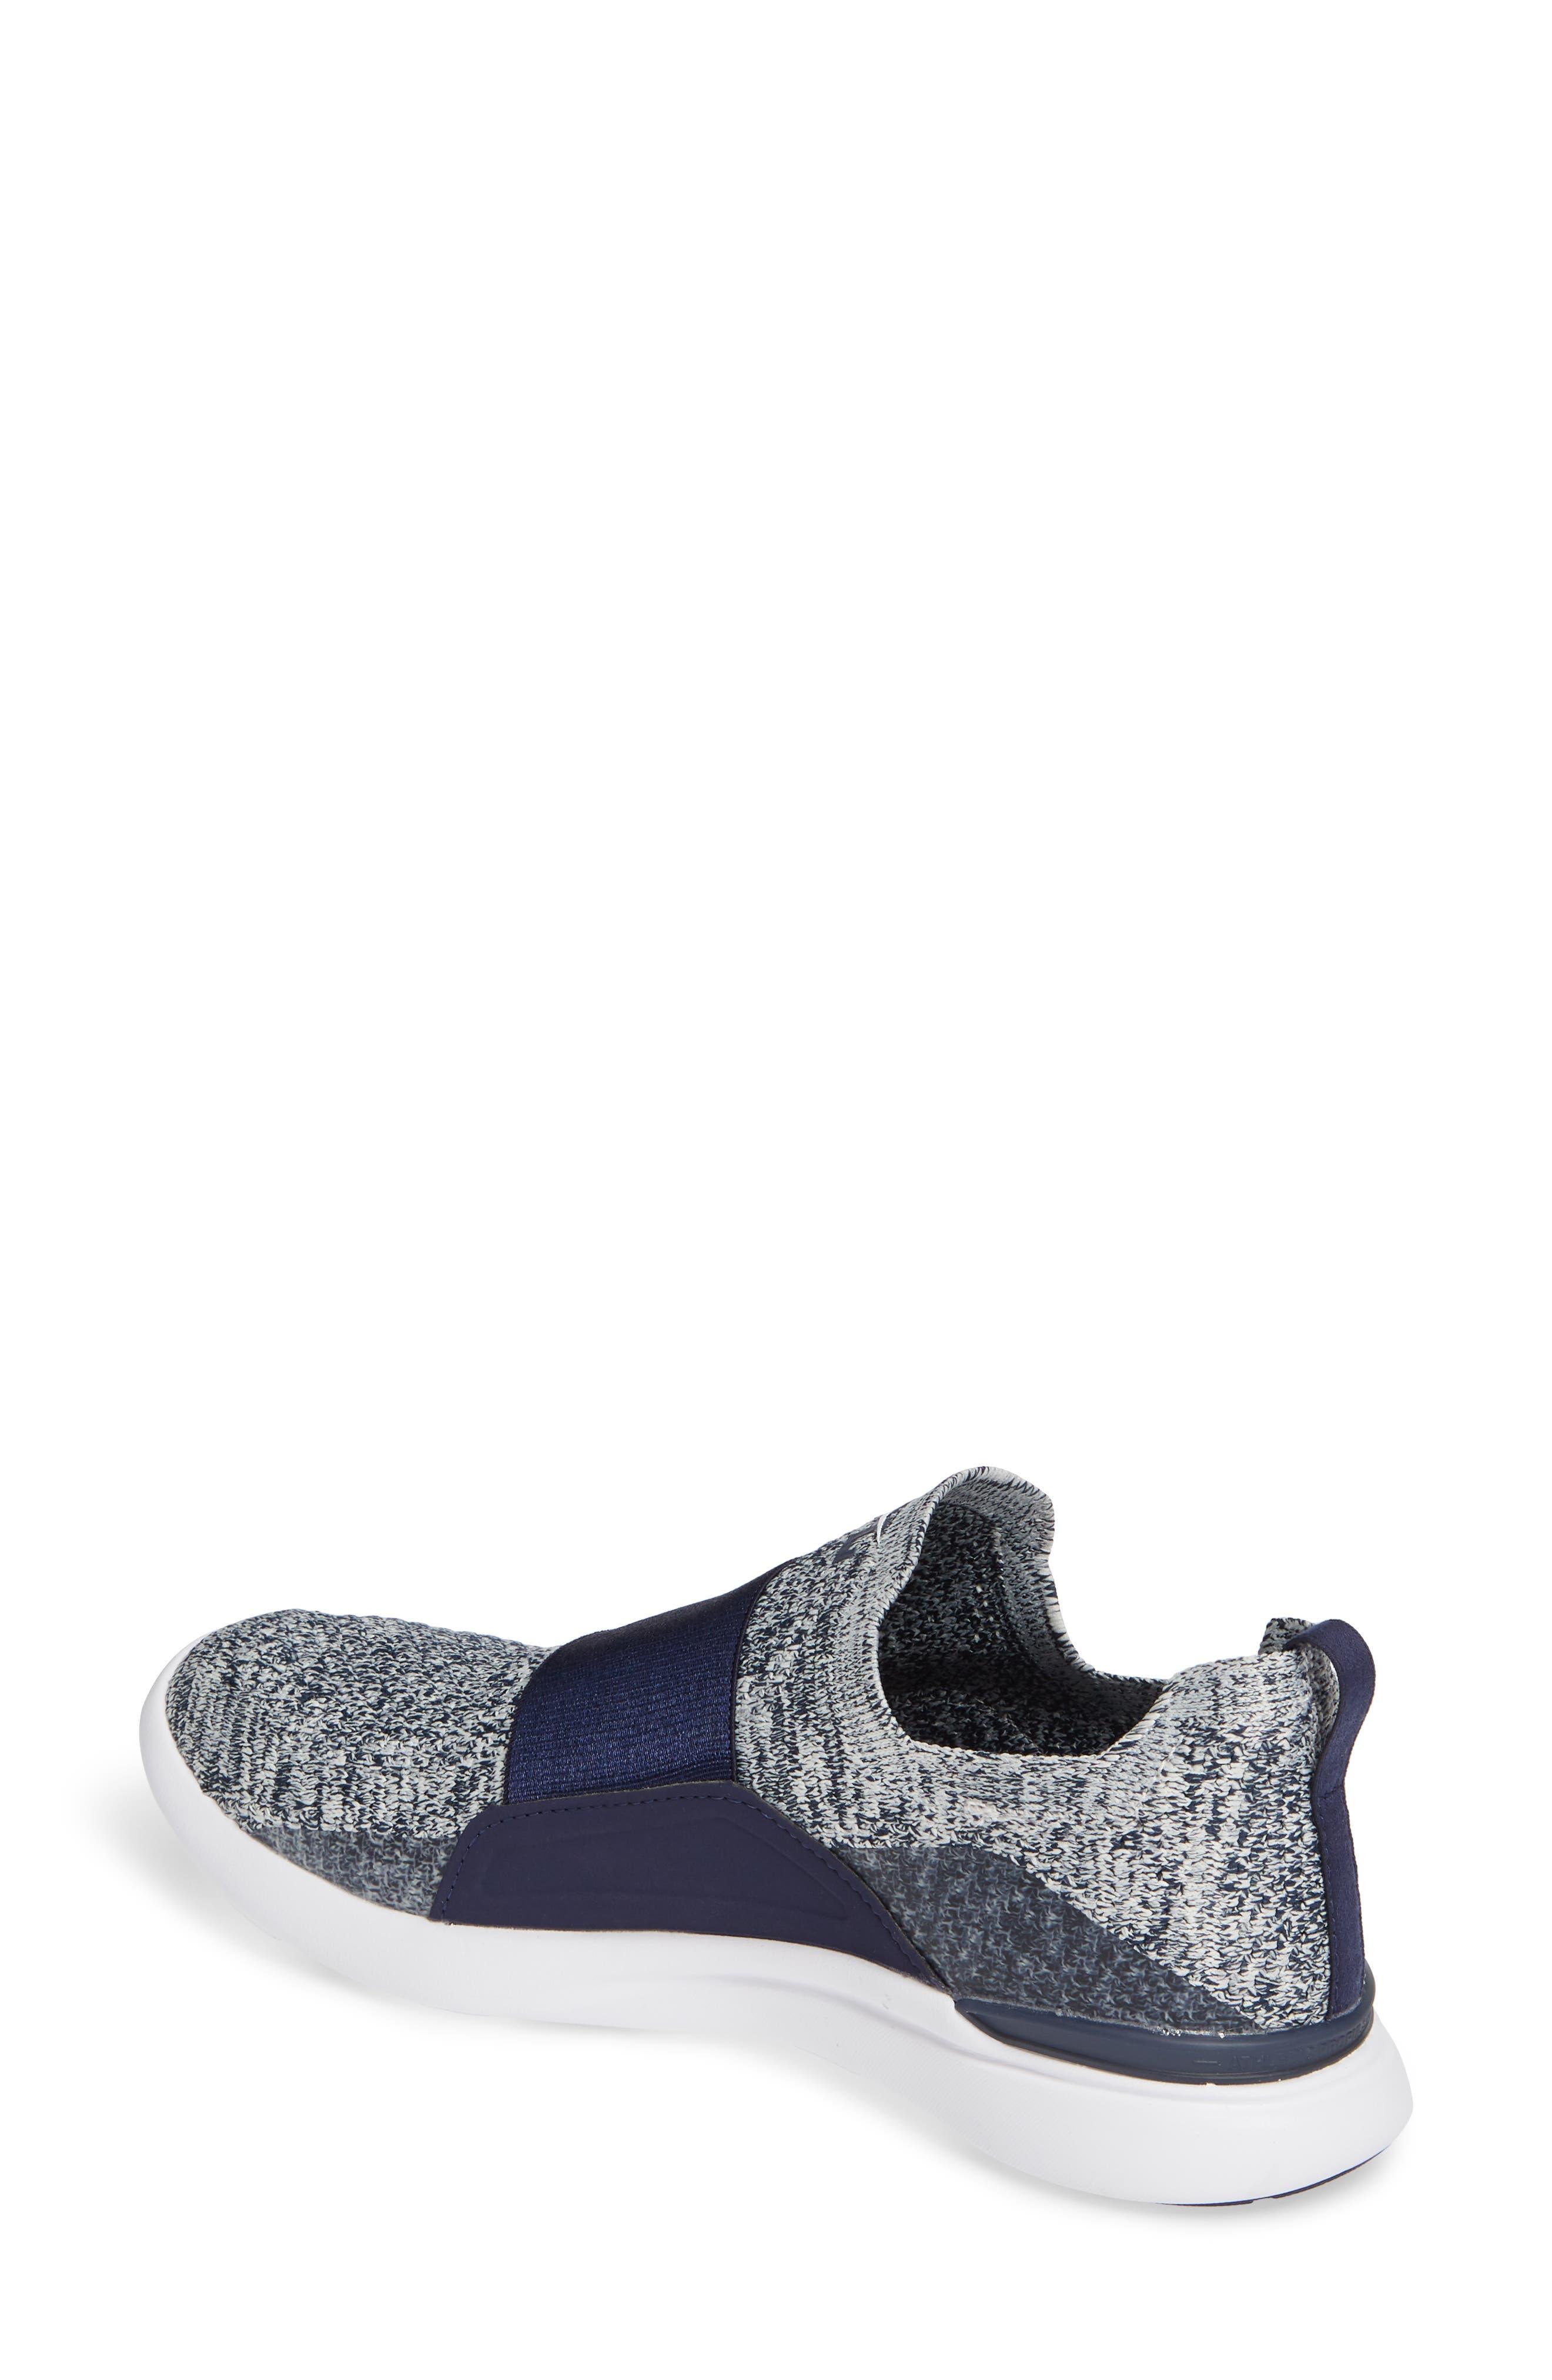 APL,                             Techloom Bliss Knit Running Shoe,                             Alternate thumbnail 2, color,                             NAVY/ PRISTINE/ WHITE